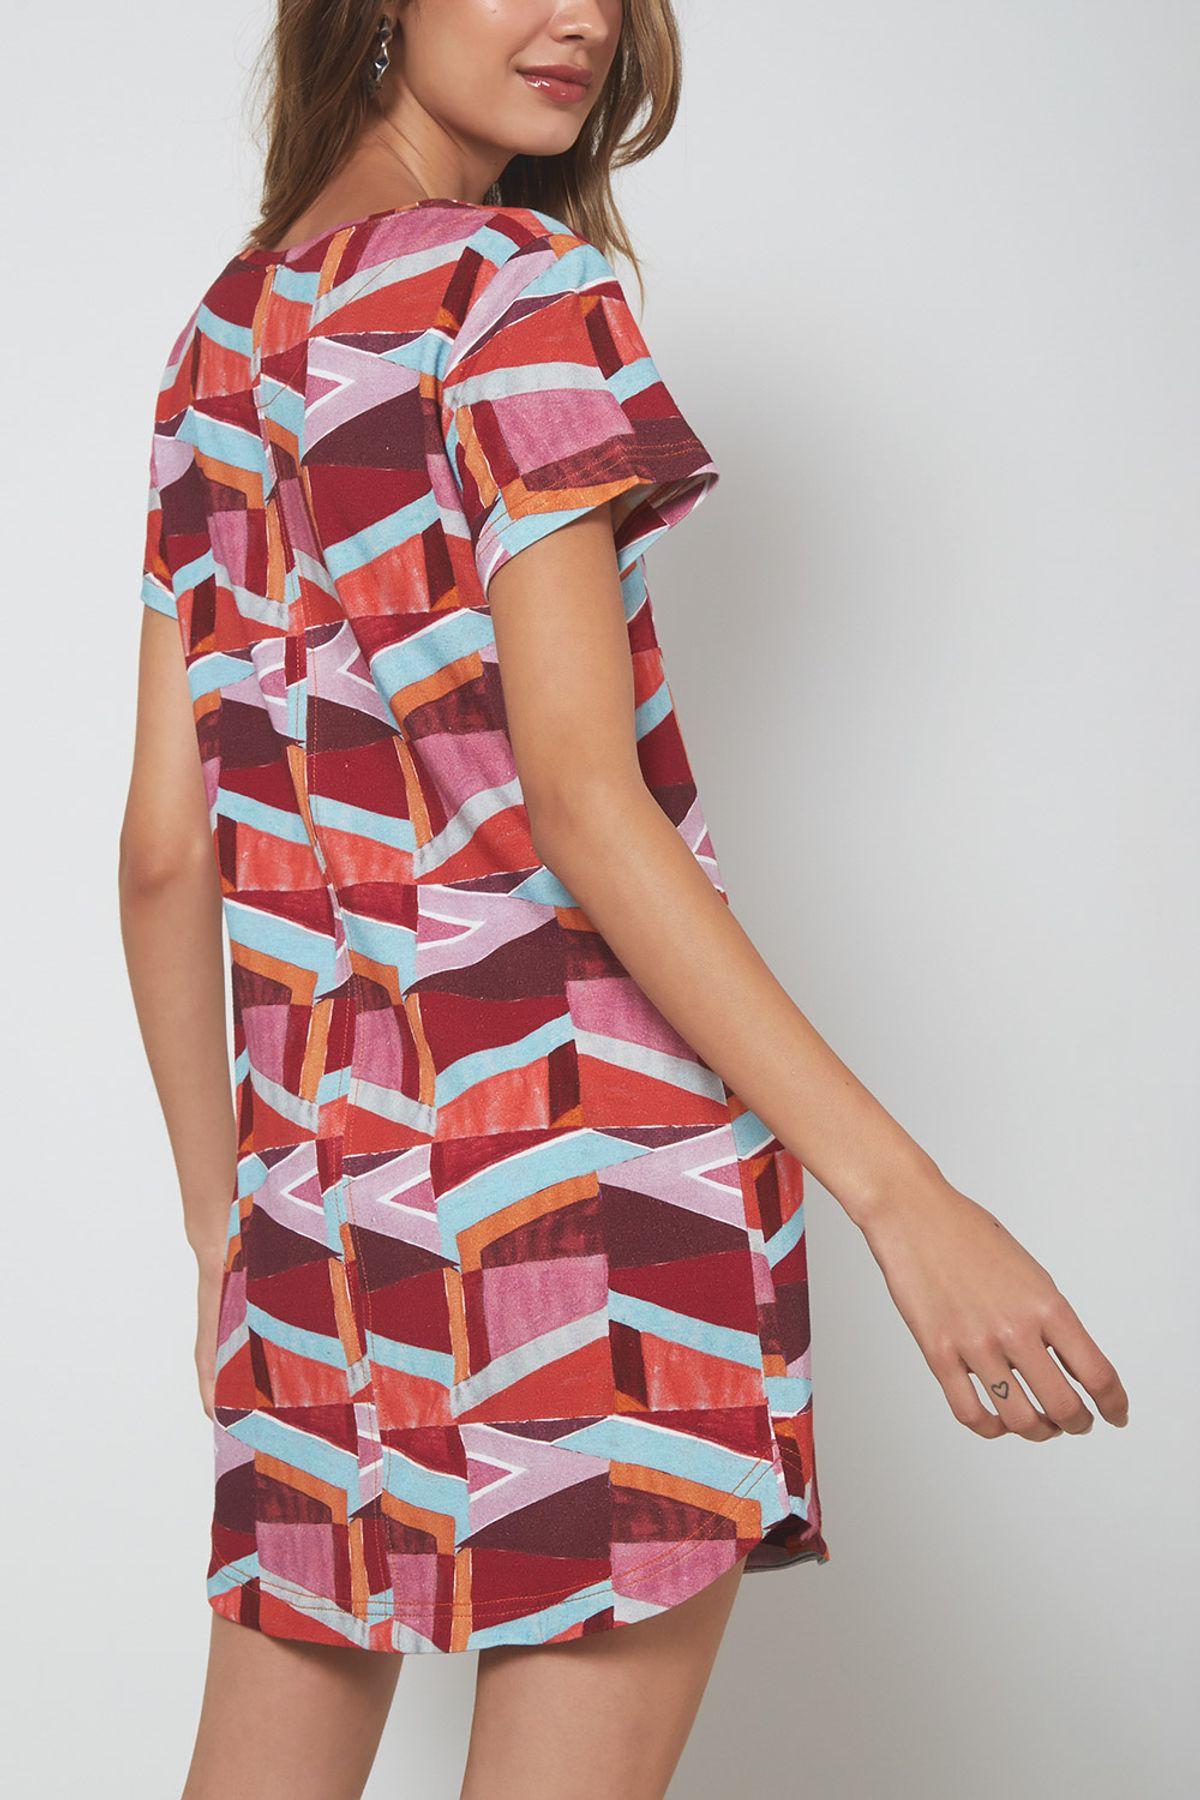 0645bef61f87 Vestido T-Shirt Est Geométrica - 02023354 - ohboy